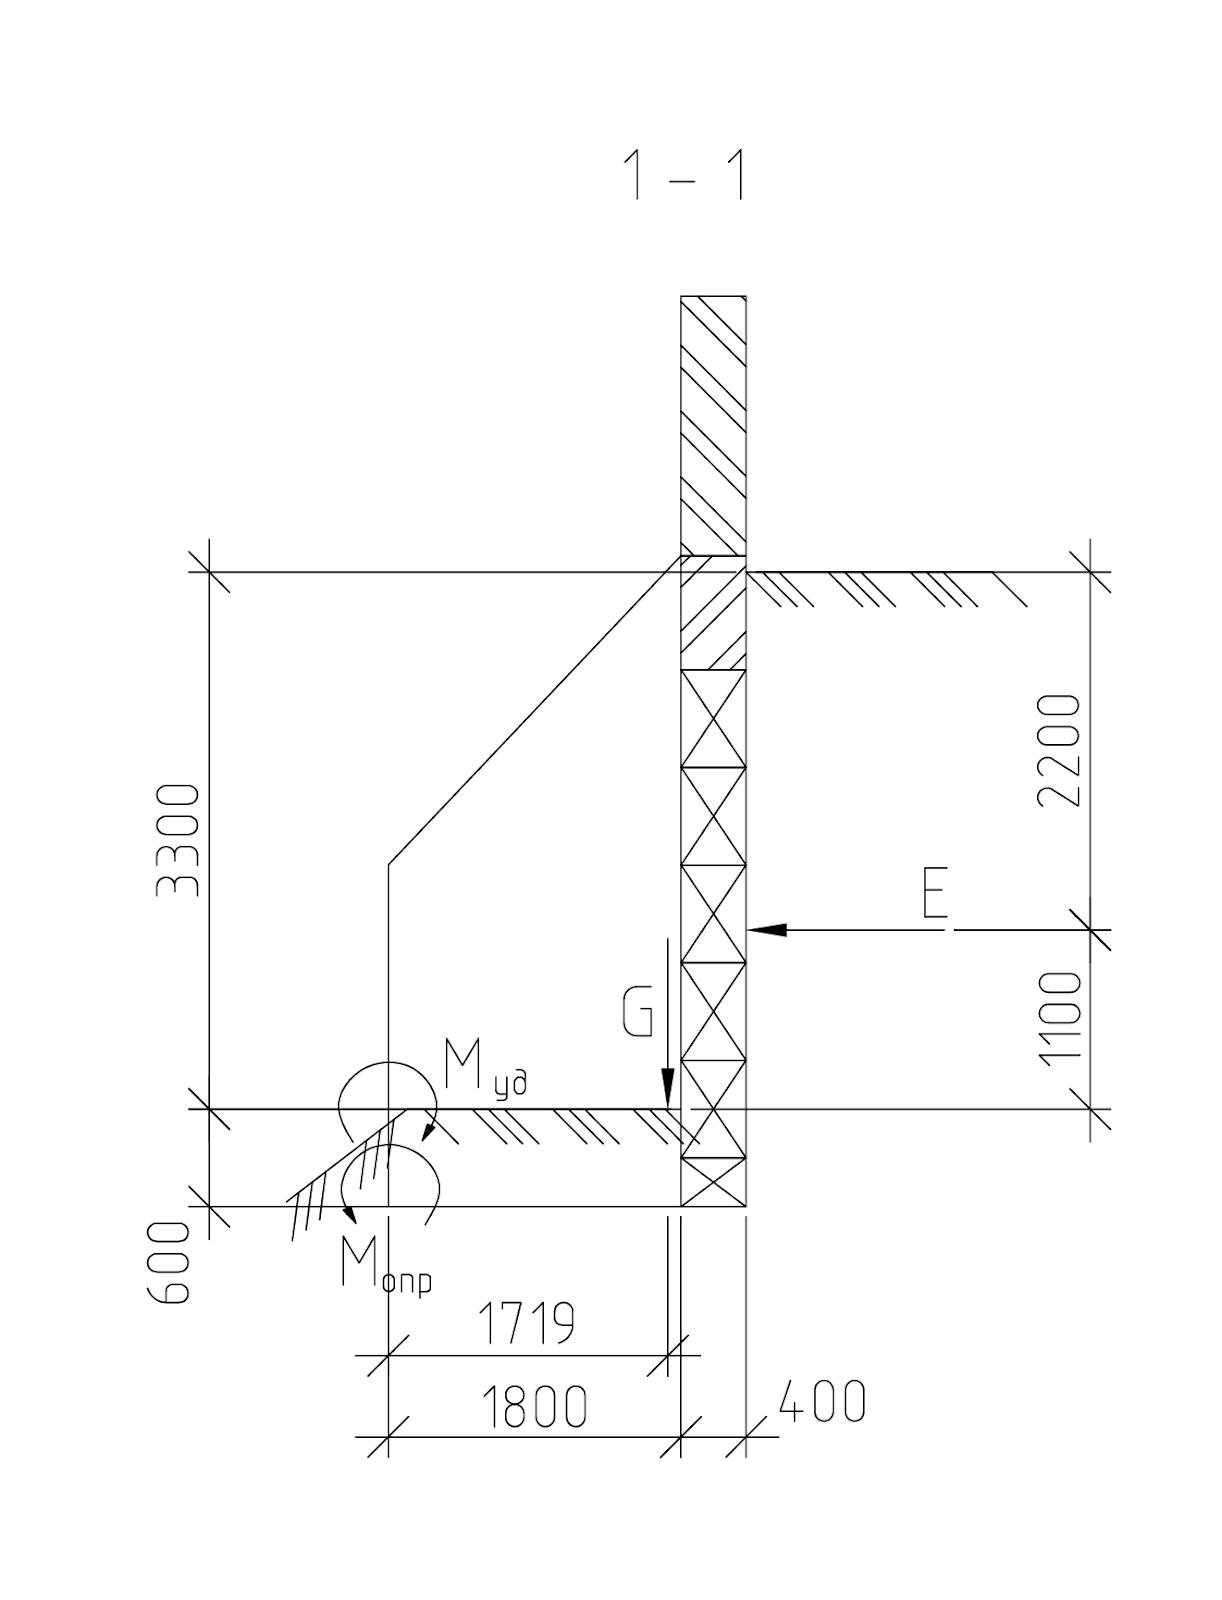 Армирование подпорных стен переменного сечения